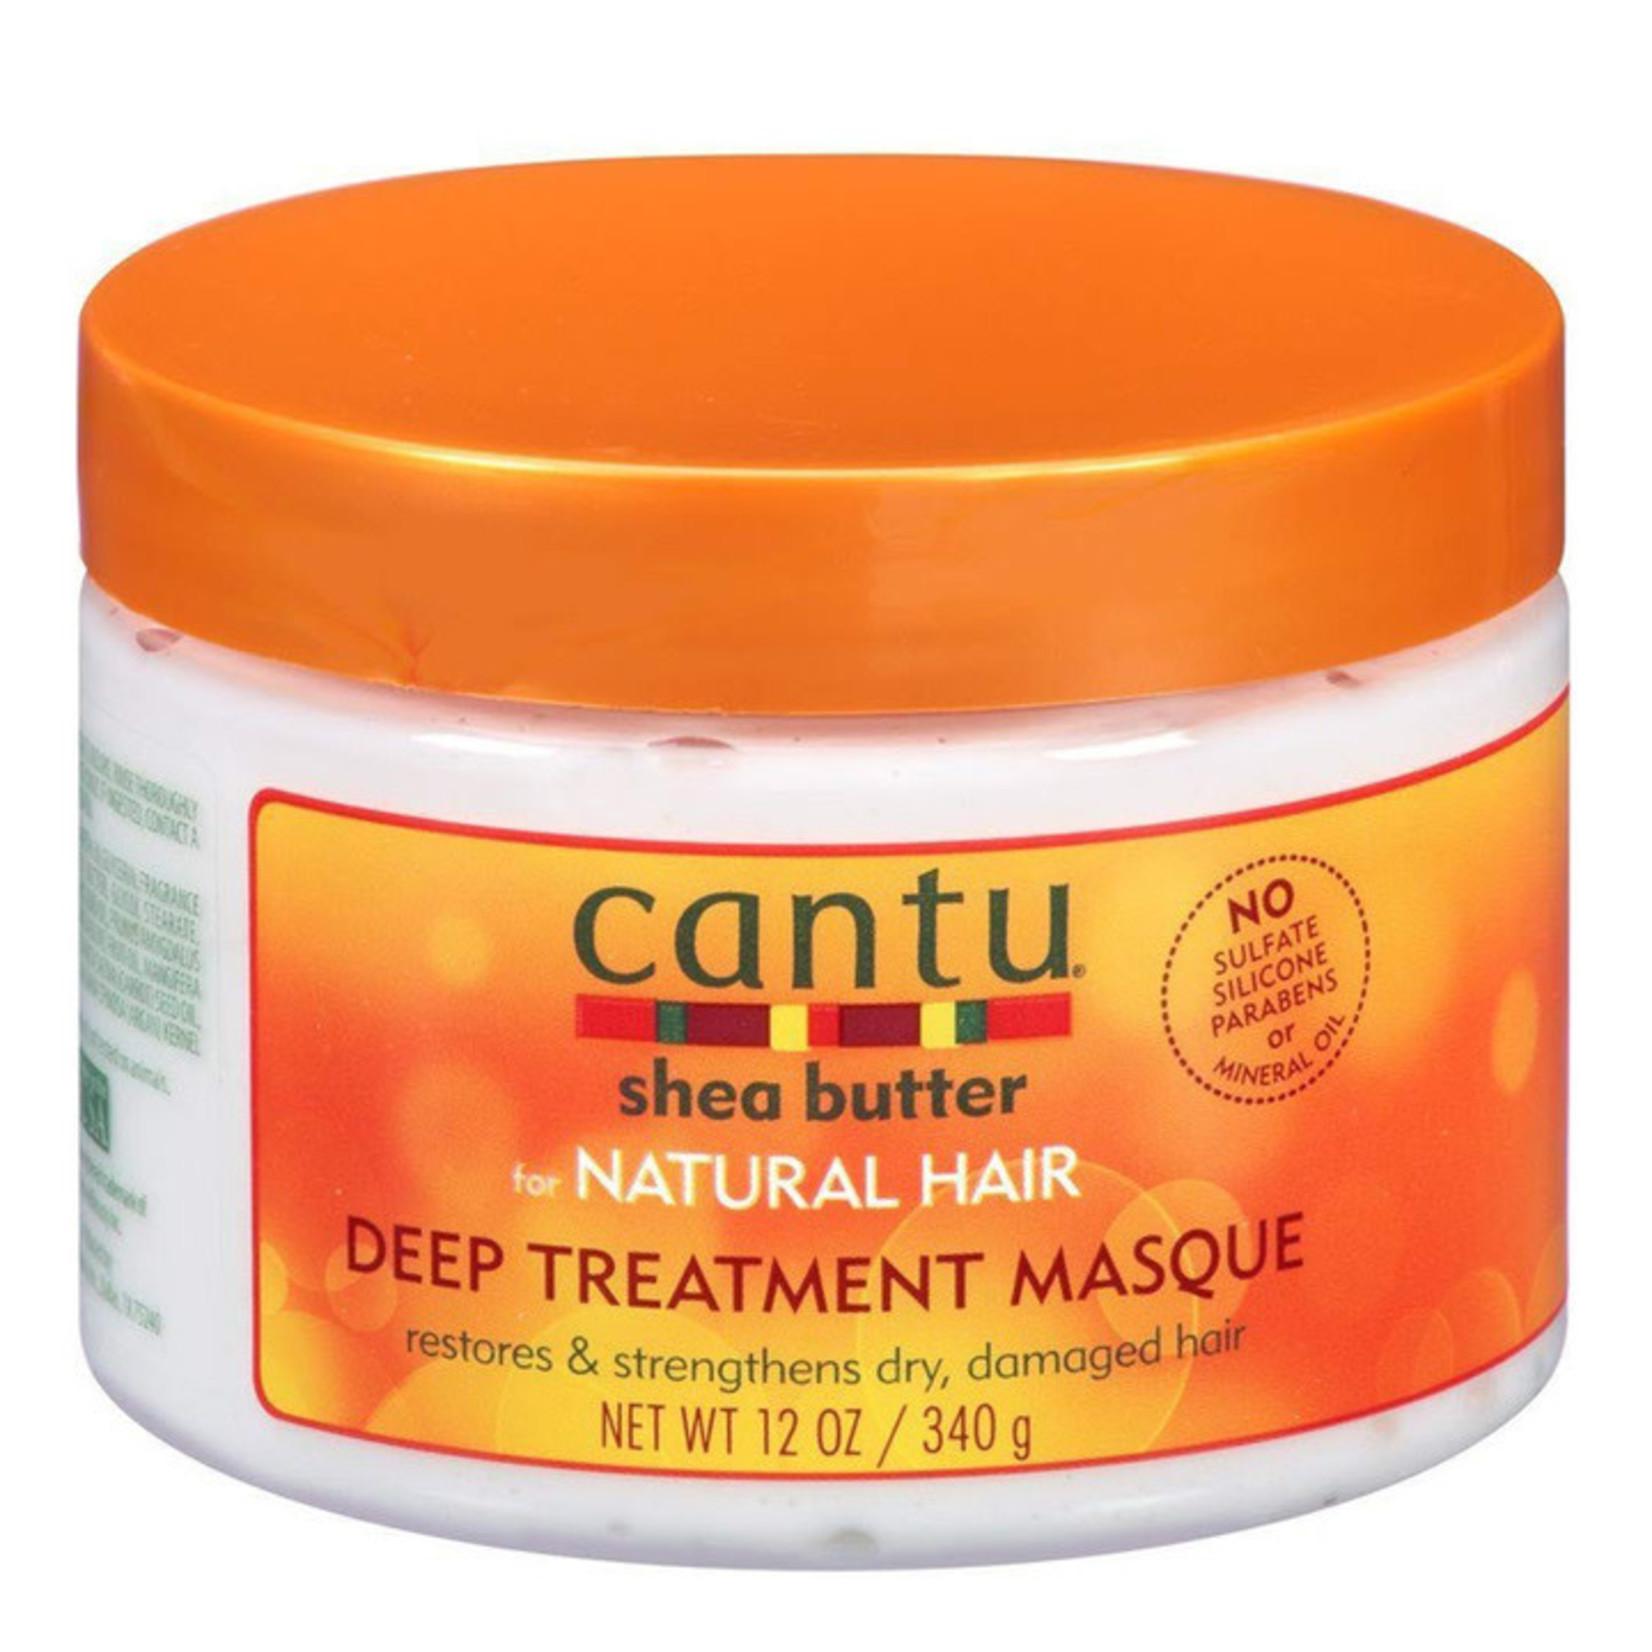 CANTU CANTU NATURAL HAIR DEEP TREATMENT MASQUE [12OZ]